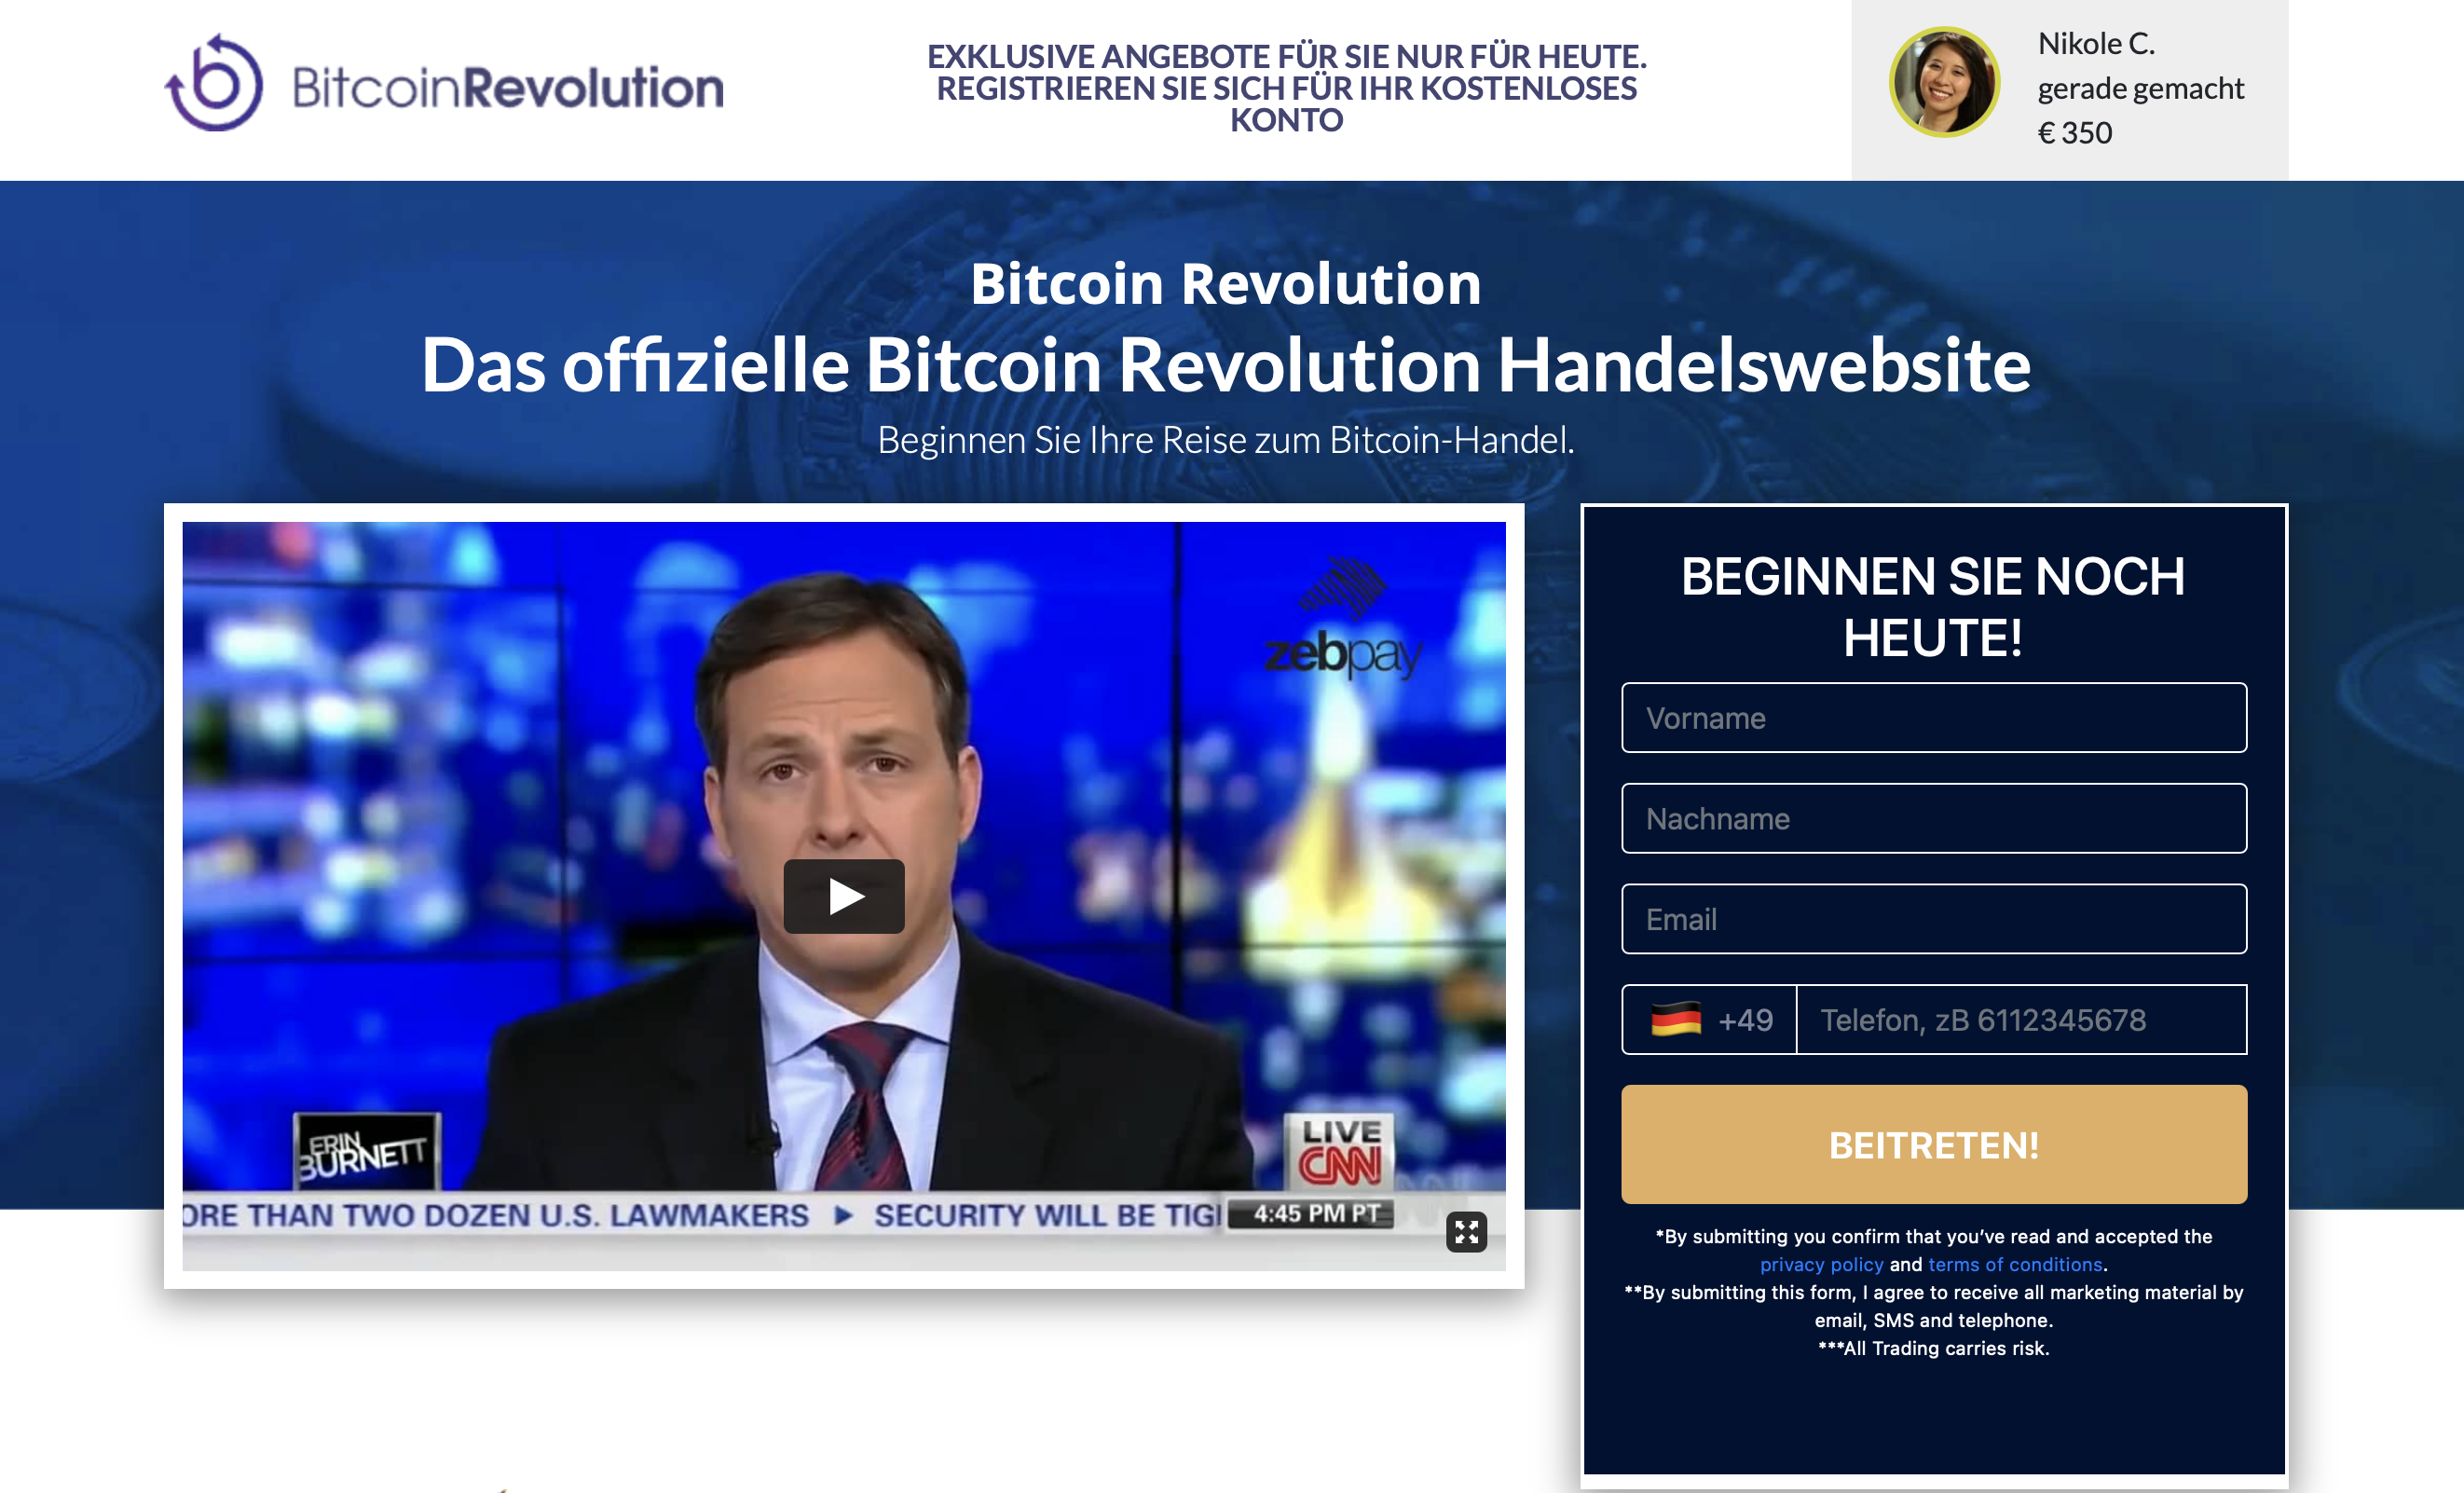 bitcoin revolution abmelden miglior posto per vendere bitcoin con profitto negli italia warren bfufet investe segretamente in criptovaluta